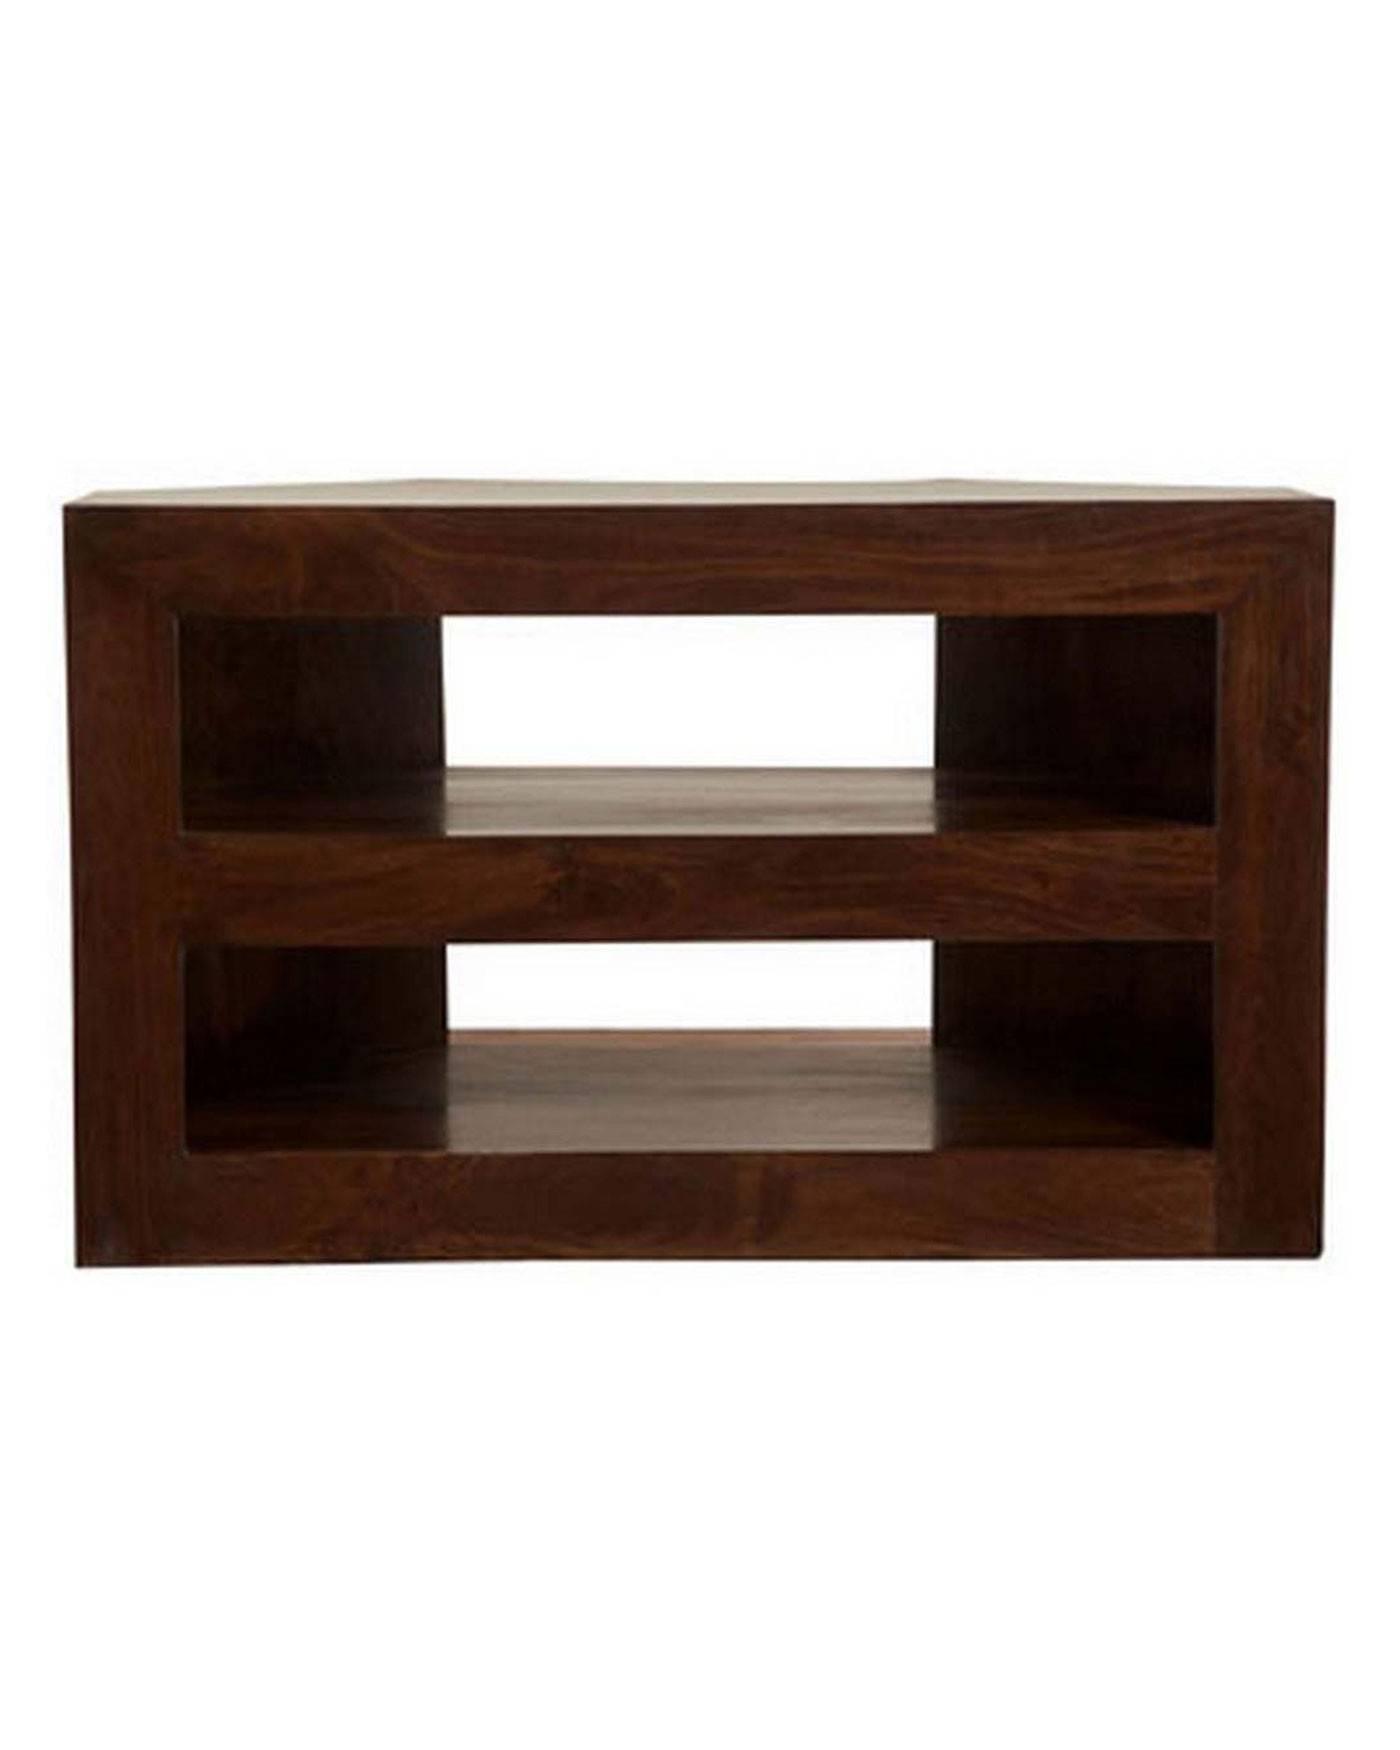 Wooden Tv Stands | Dark Wood Corner Tv Unit | Wooden Tv Cabinet in Large Corner Tv Stands (Image 15 of 15)